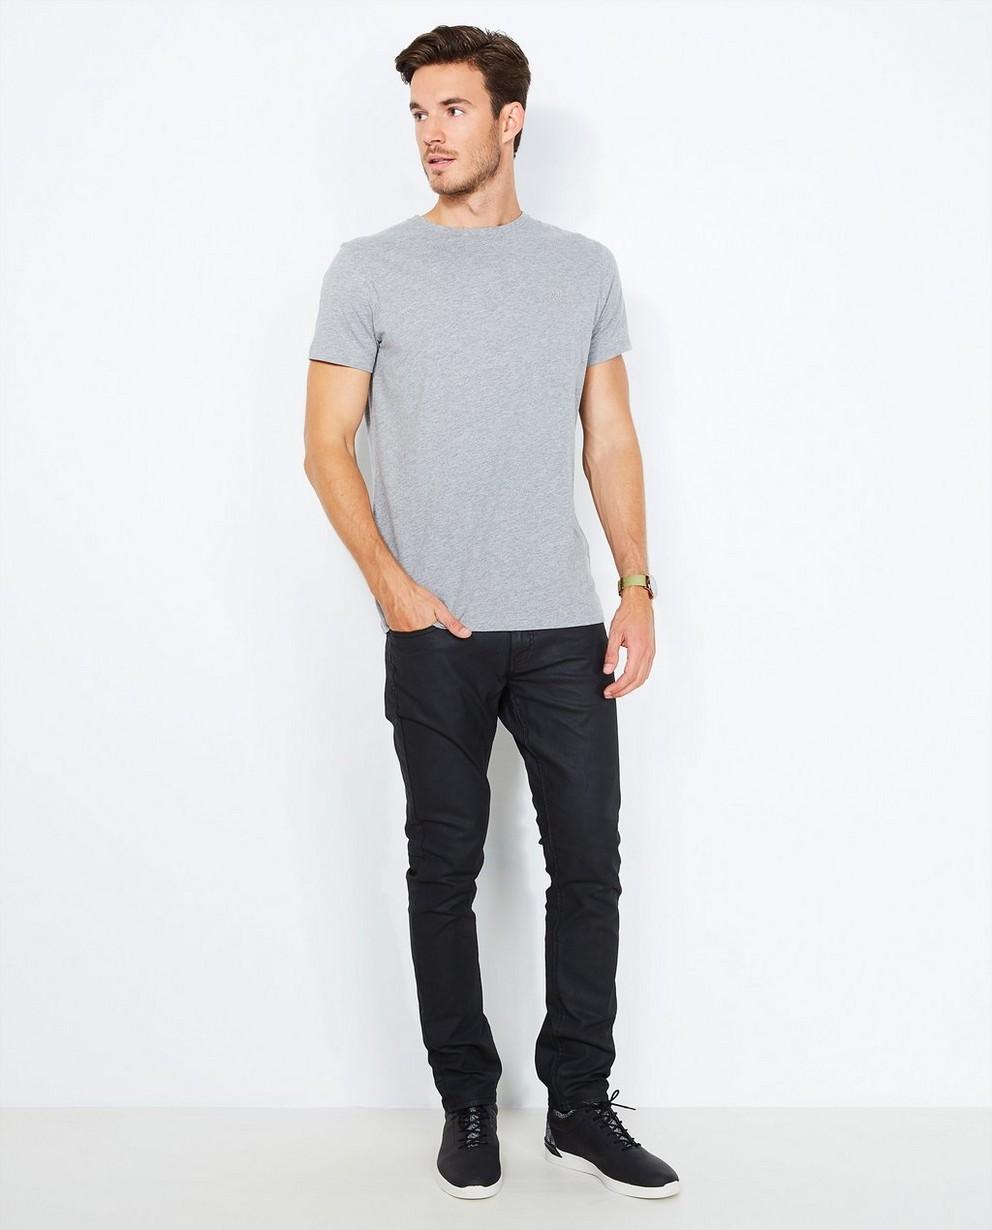 Jeans - black - Jeans slim fit noir